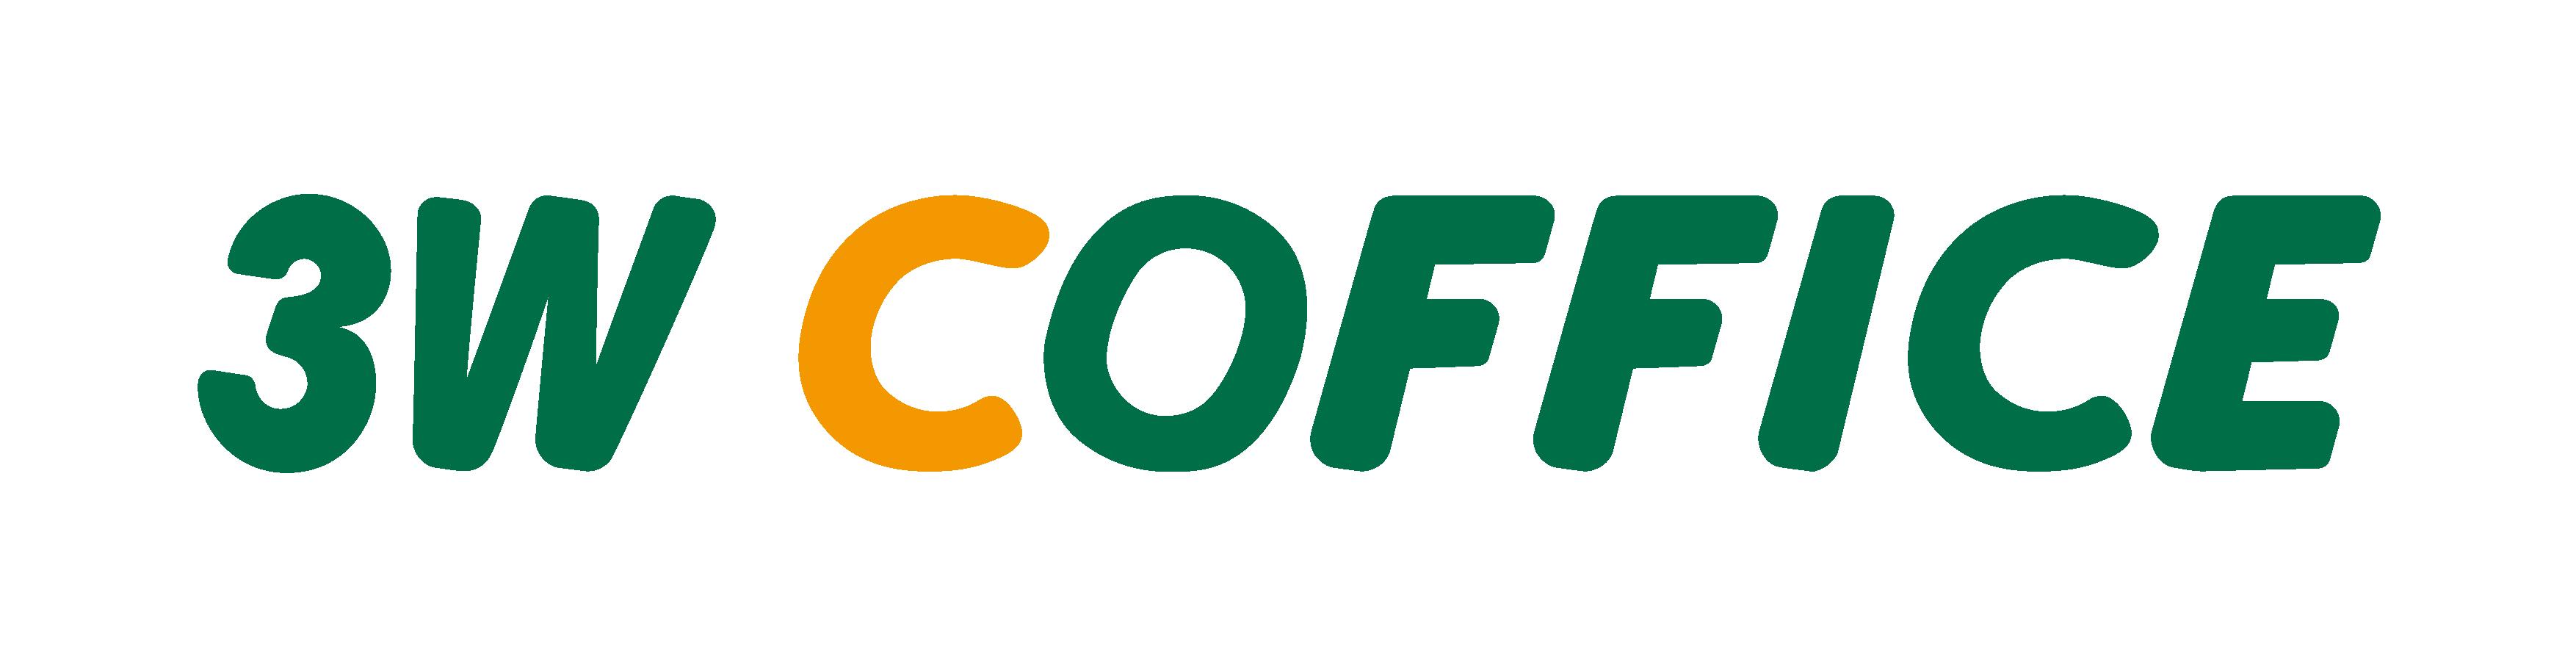 3W COFFICE logo-01.png